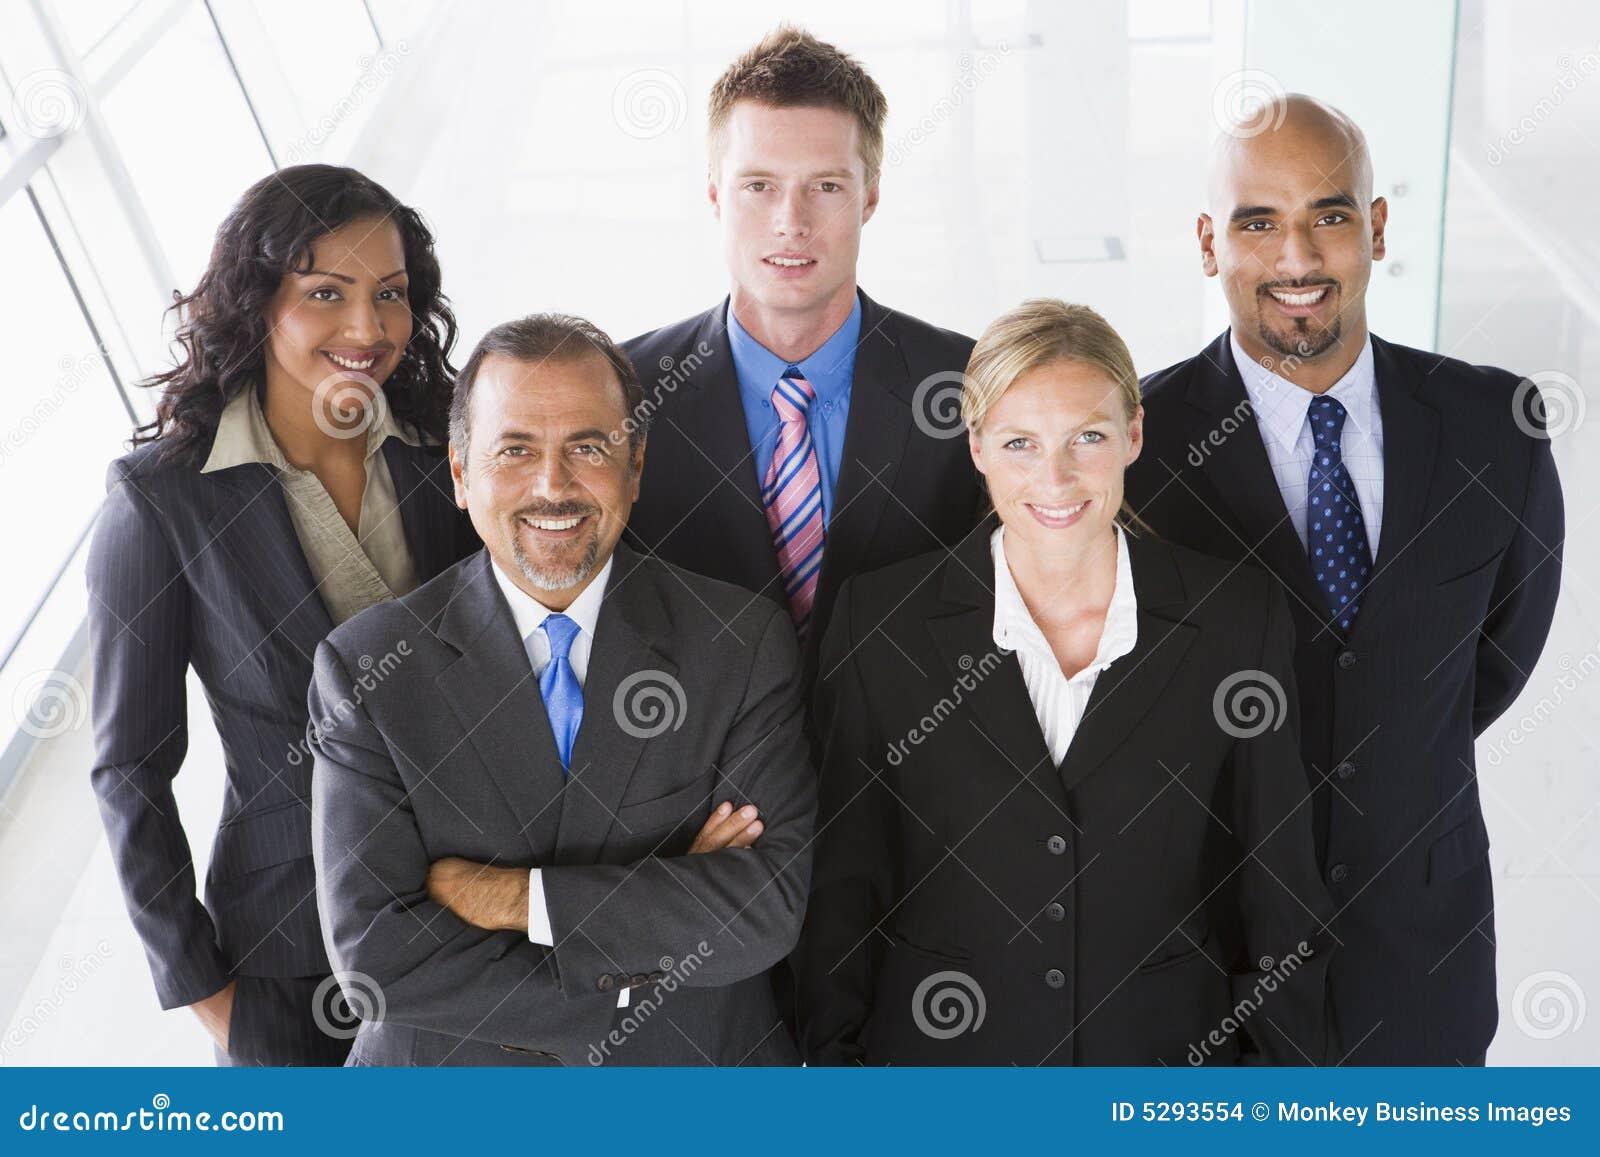 Obenliegende Ansicht des Büropersonals